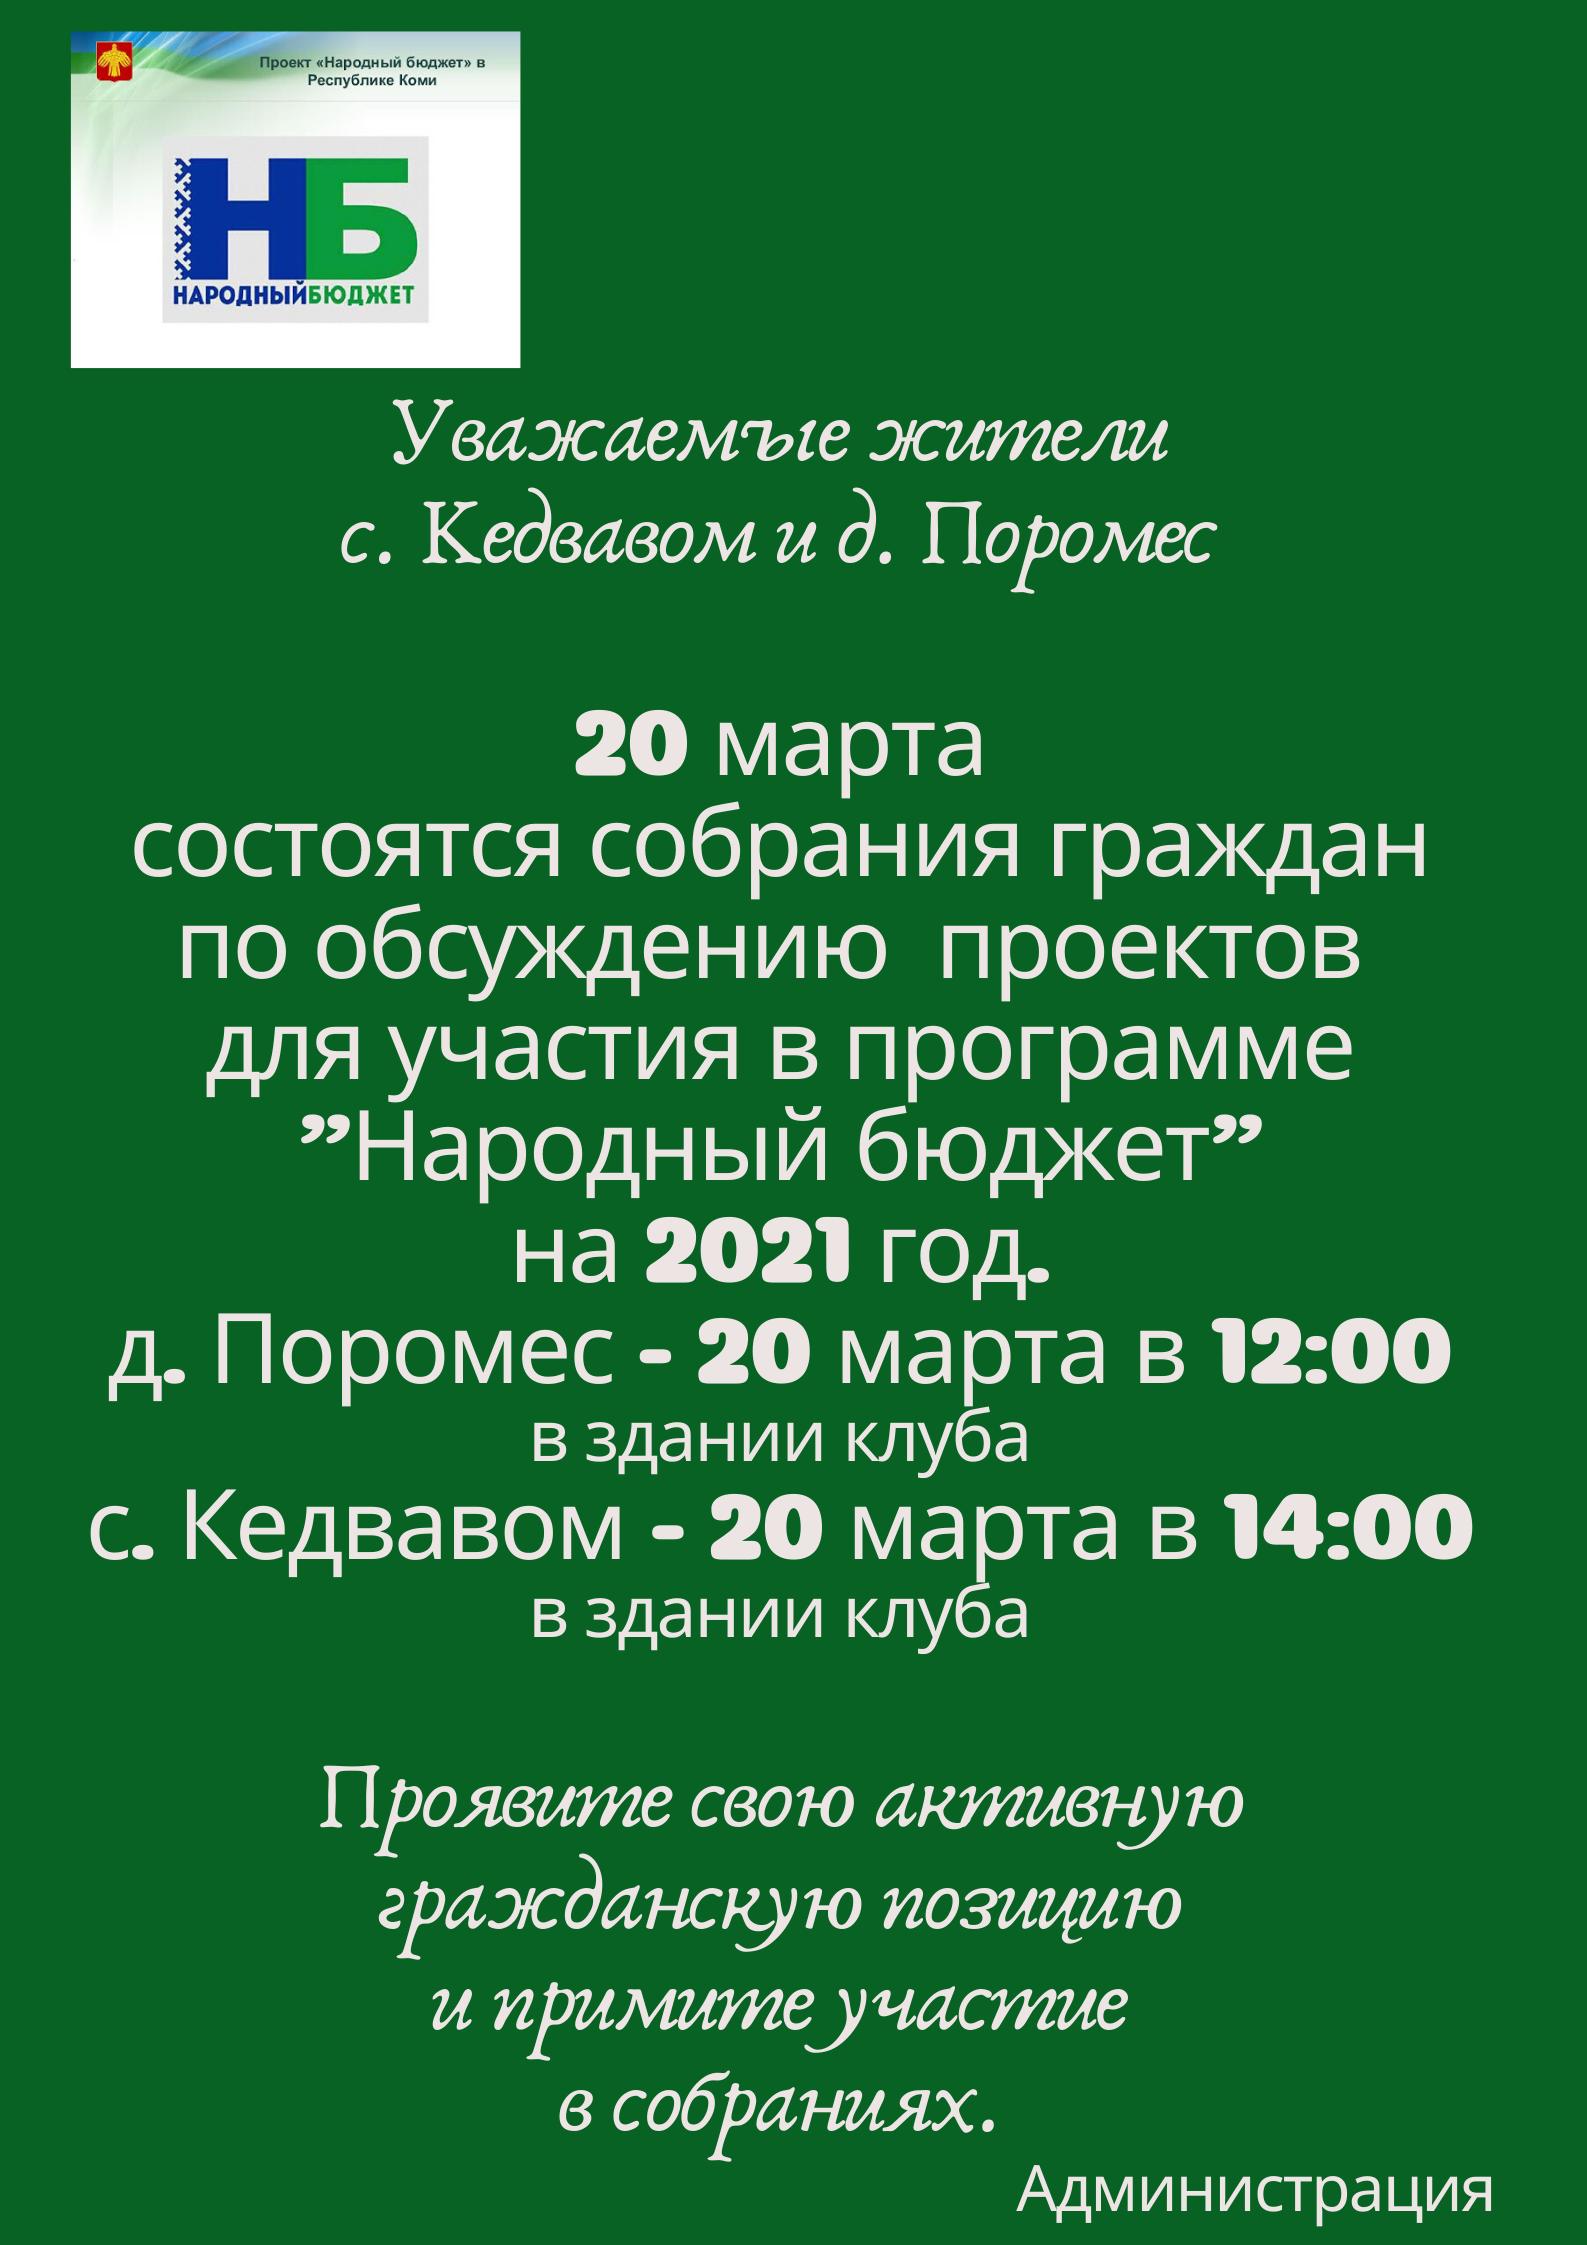 Уважаемые жители с. Кедвавом и д. Поромес 20 марта состоятся собрания граждан по обсуждению (1)